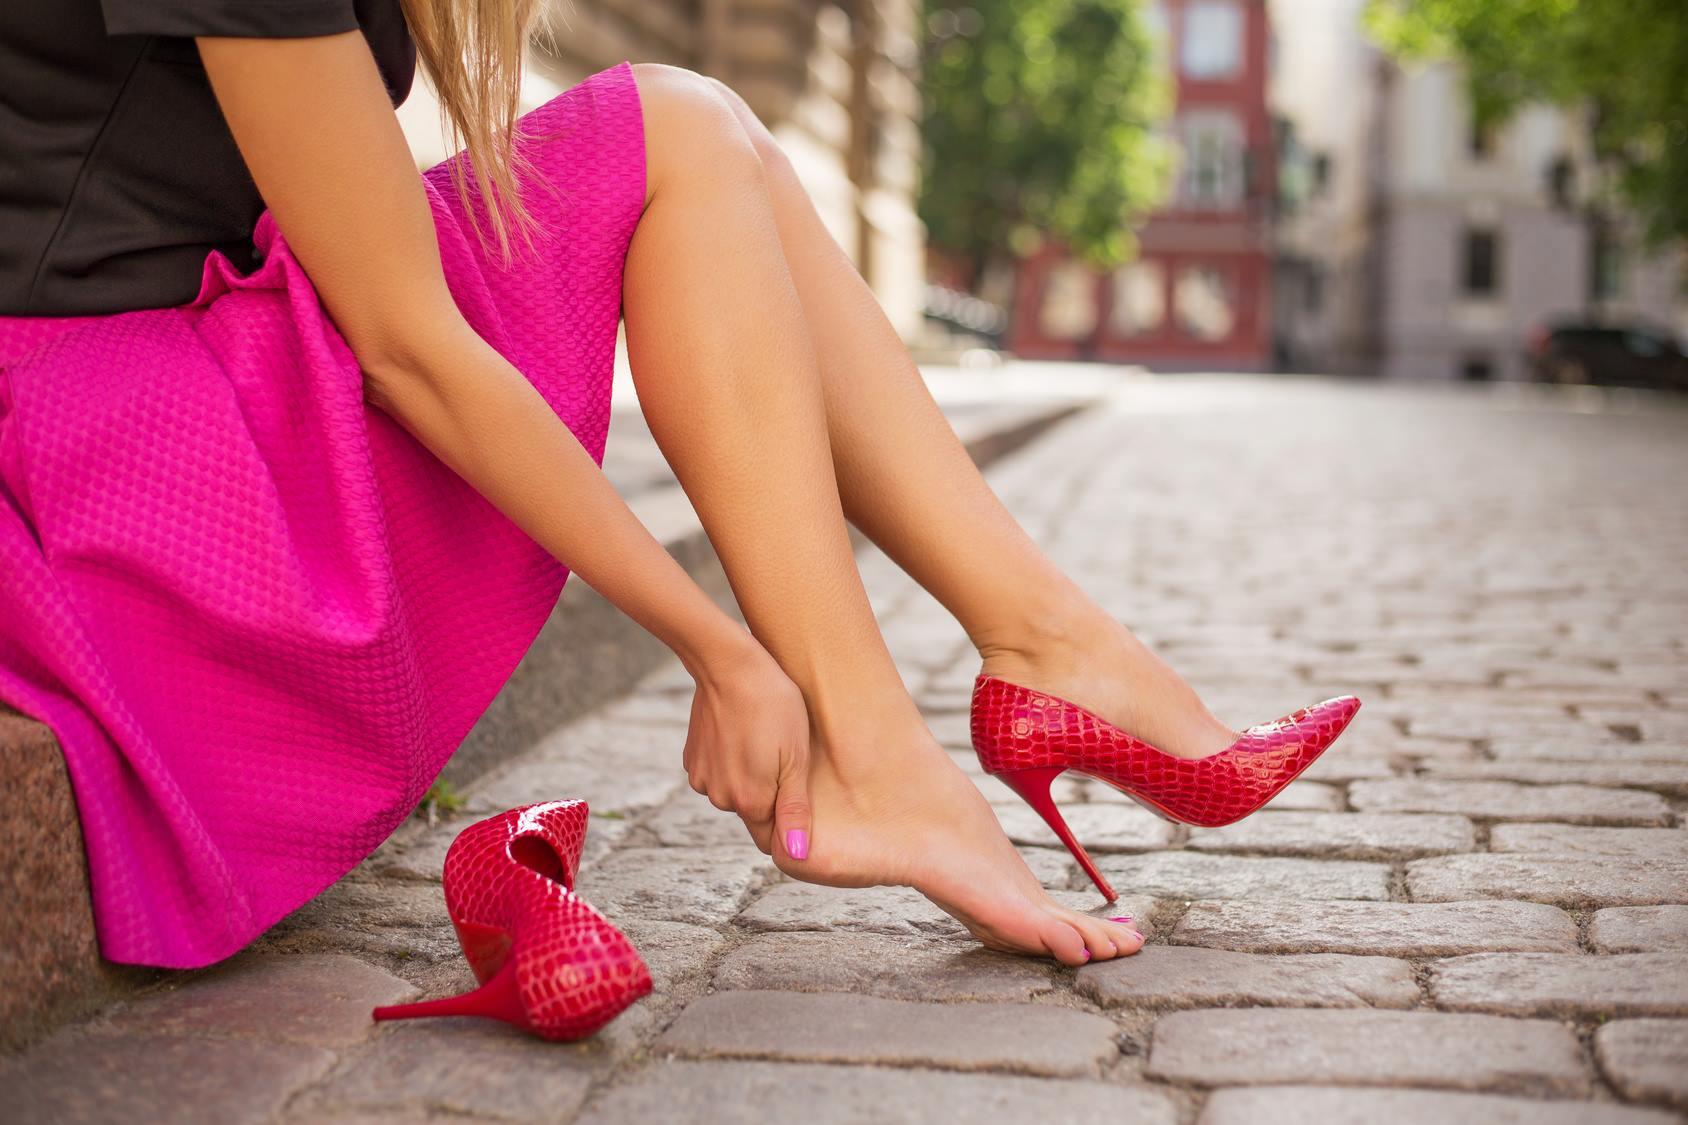 Za duże buty - sposób na ocierające buty